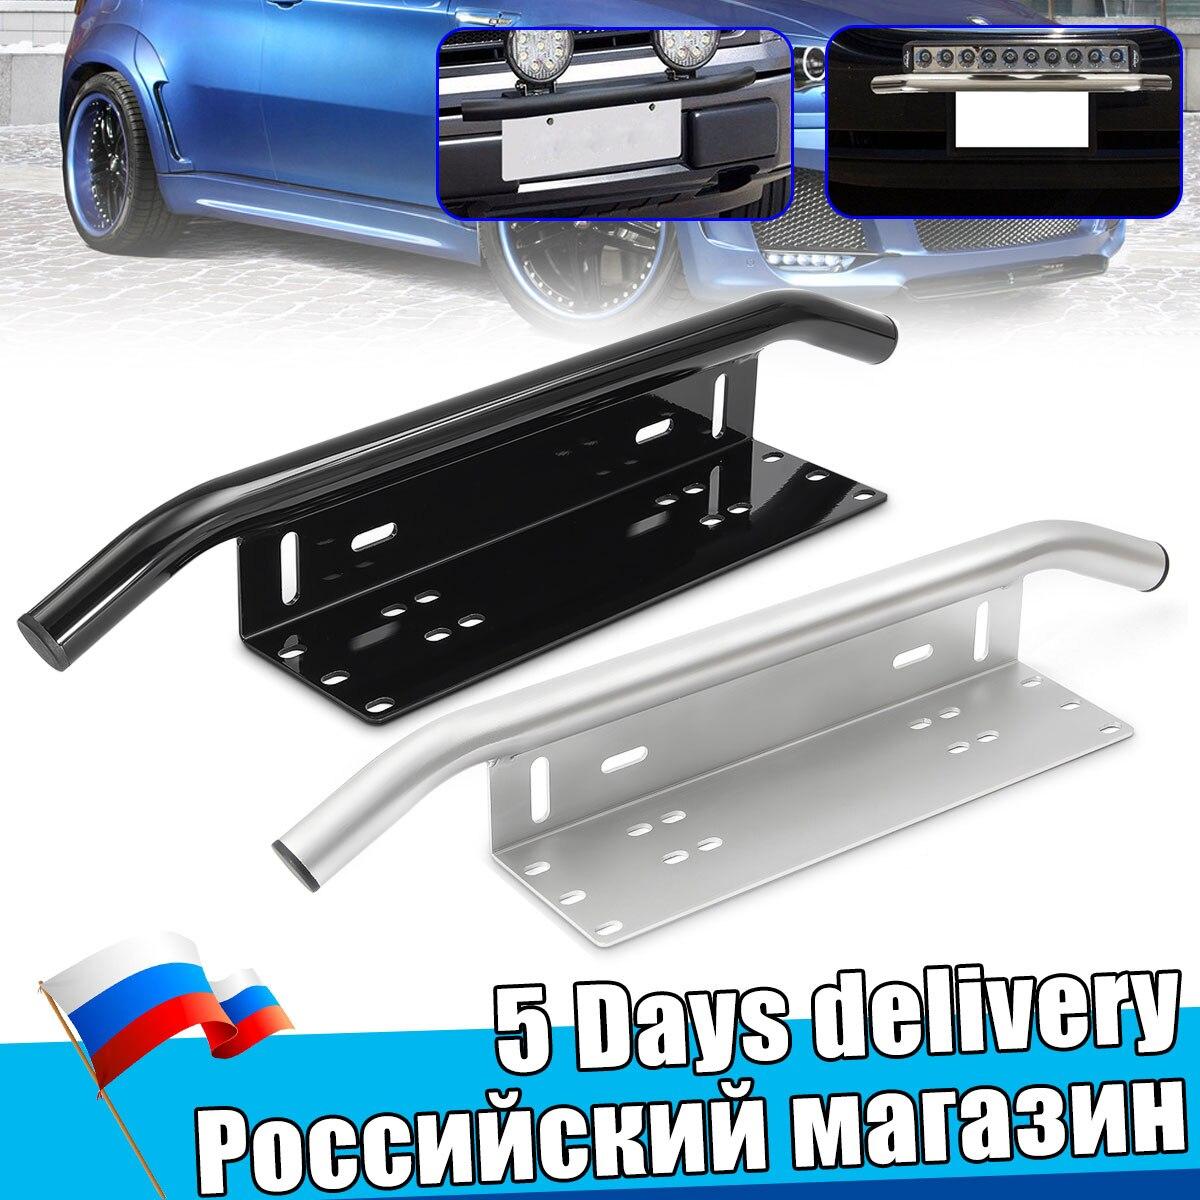 Placa de matrícula de coche fuera de la carretera matrícula delantera soporte de placa marco barra de luz montaje parachoques para SUV camión vehículo